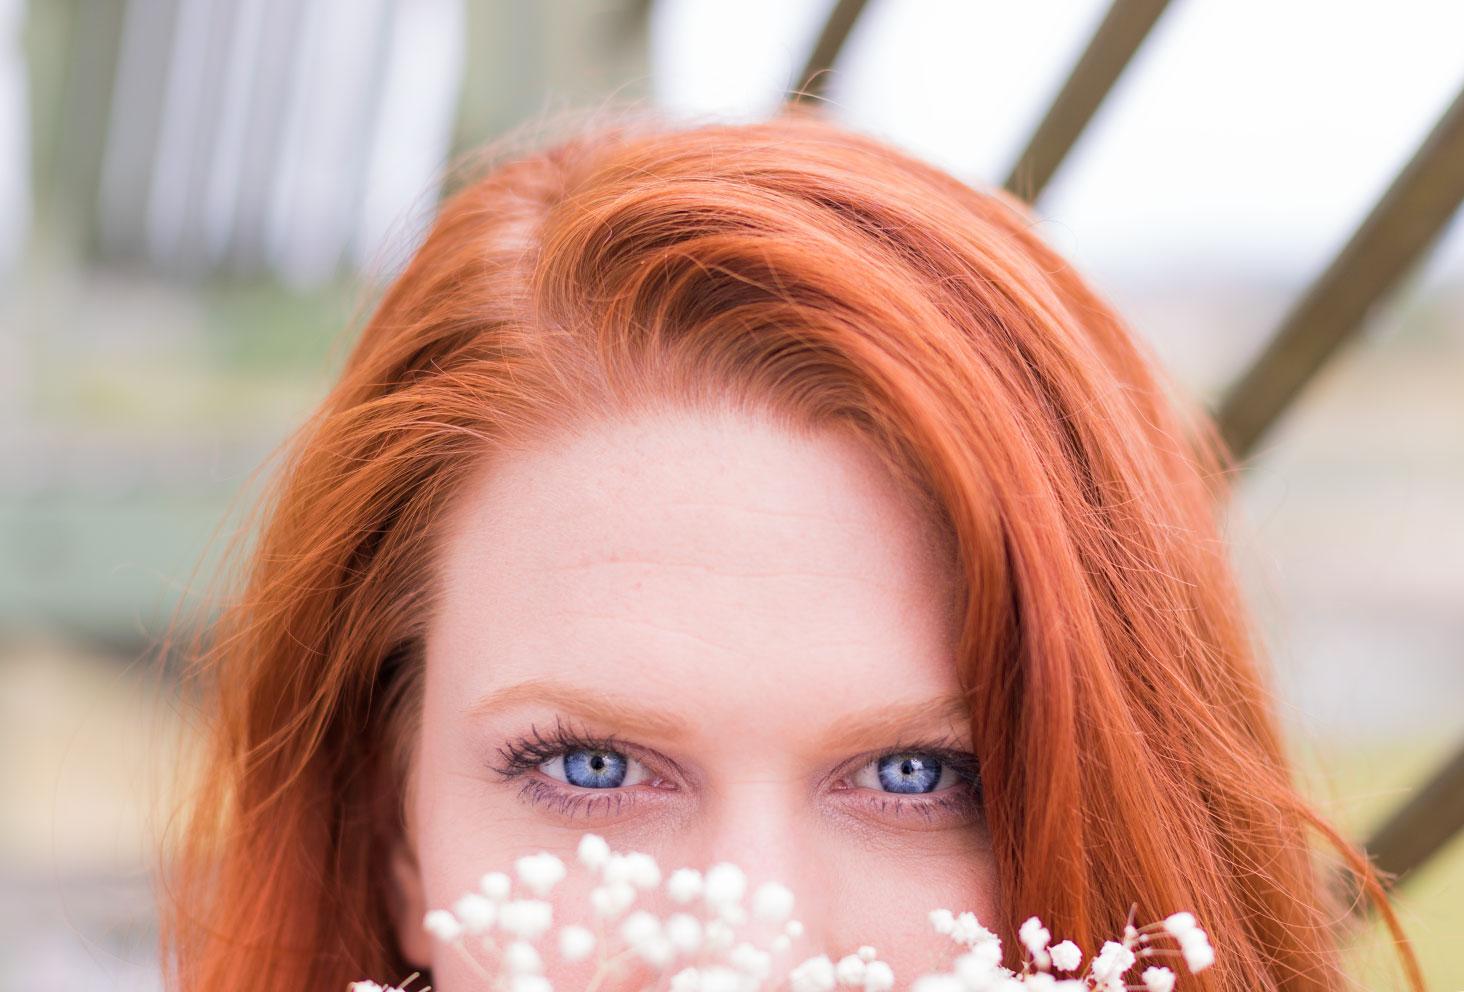 Résultat du tuto make-up réalisé avec la palette Funfetti de Too Faced sur des yeux bleu et cheveux roux en extérieur